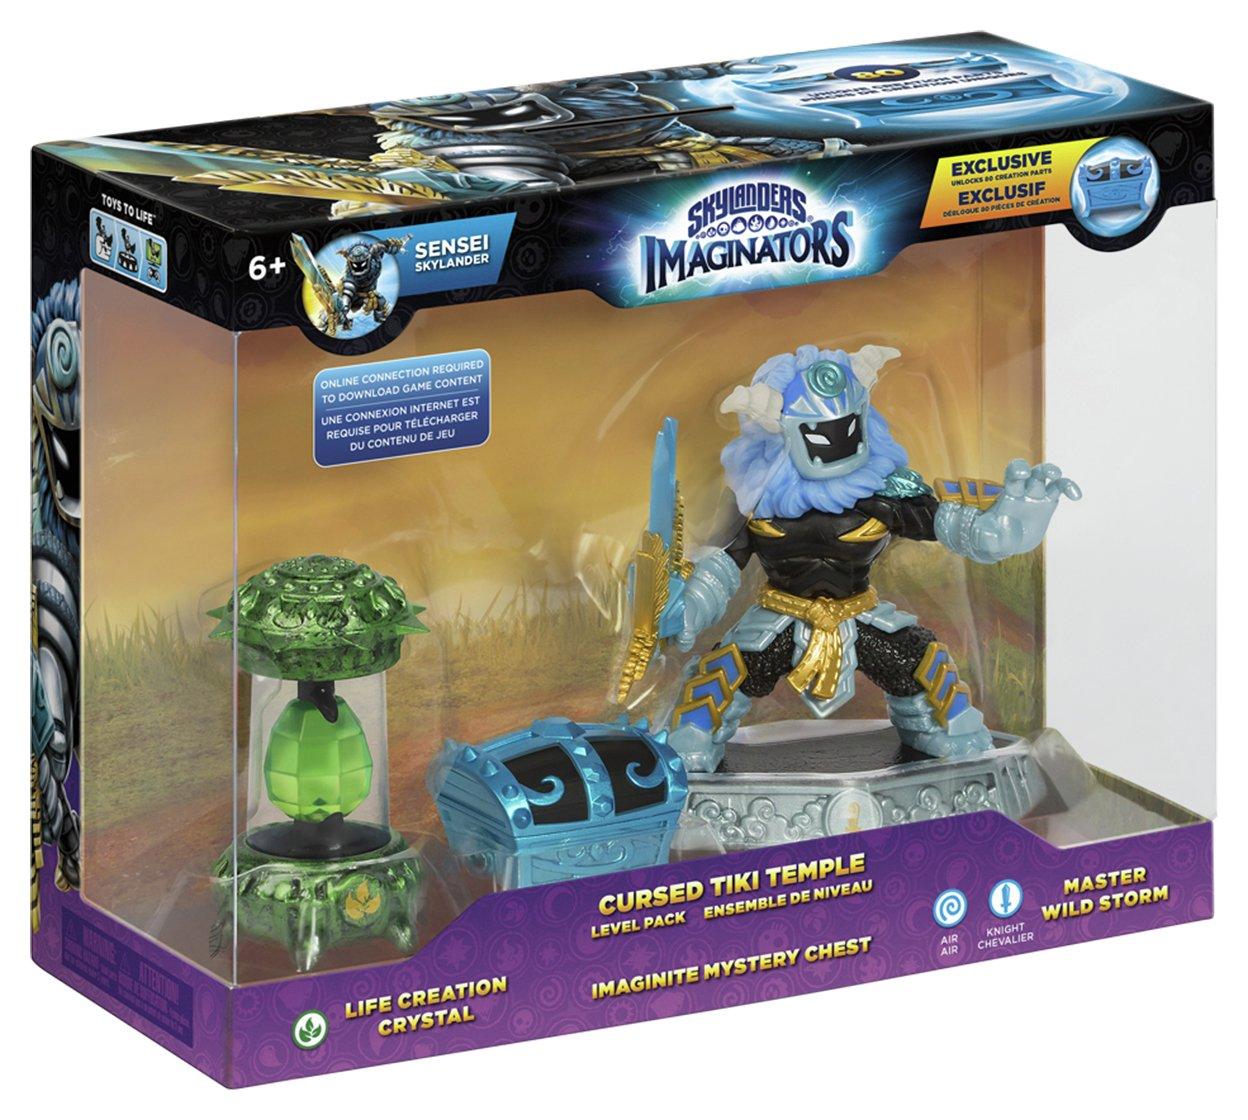 Skylanders Imaginators Cursed Tiki Temple Adventure Pack.